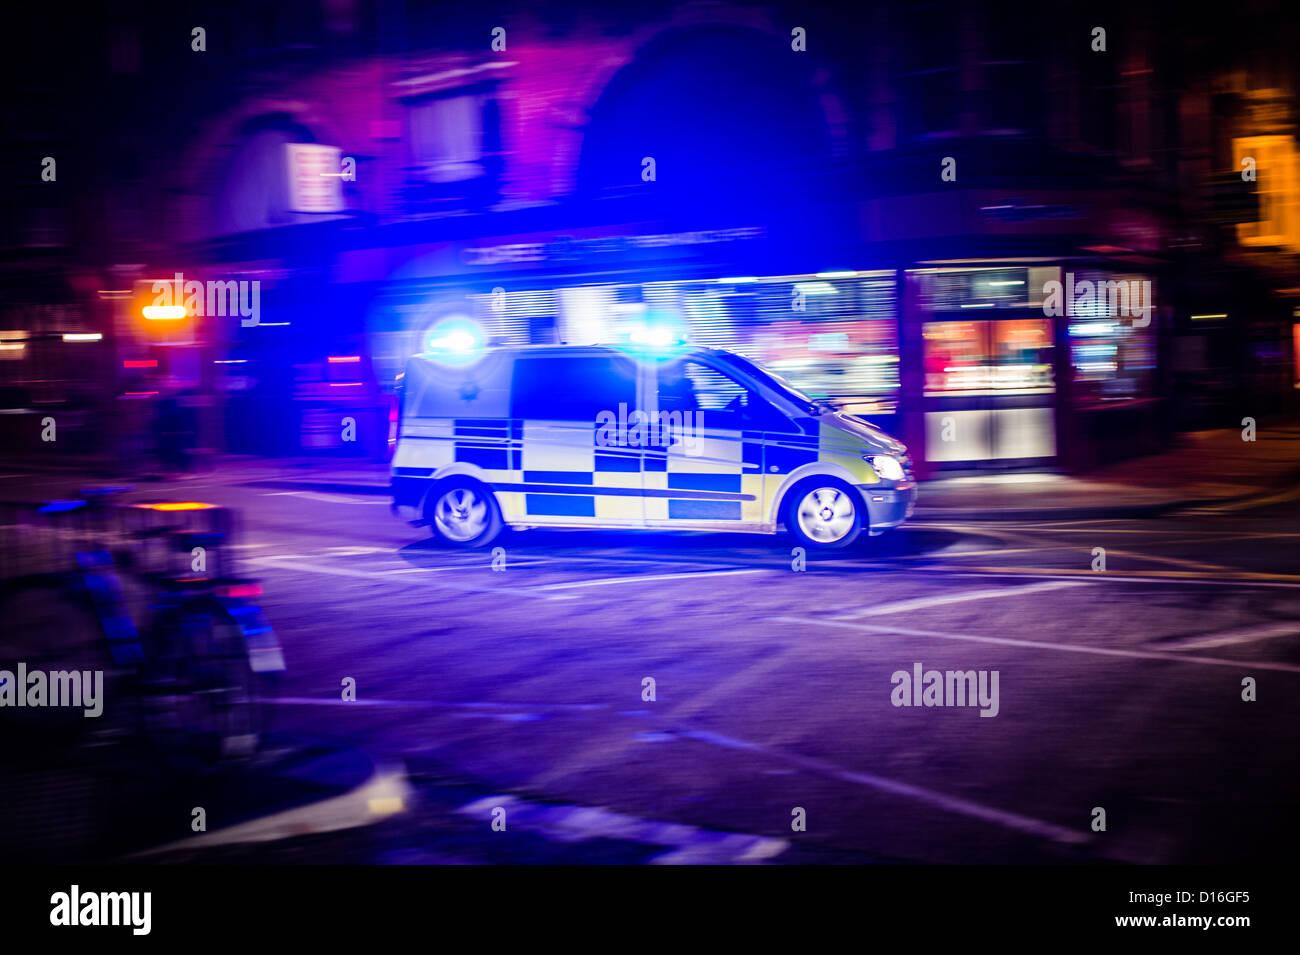 Rettungswagen: Bilder, Stockfotos und Vektorgrafiken   Shutterstock